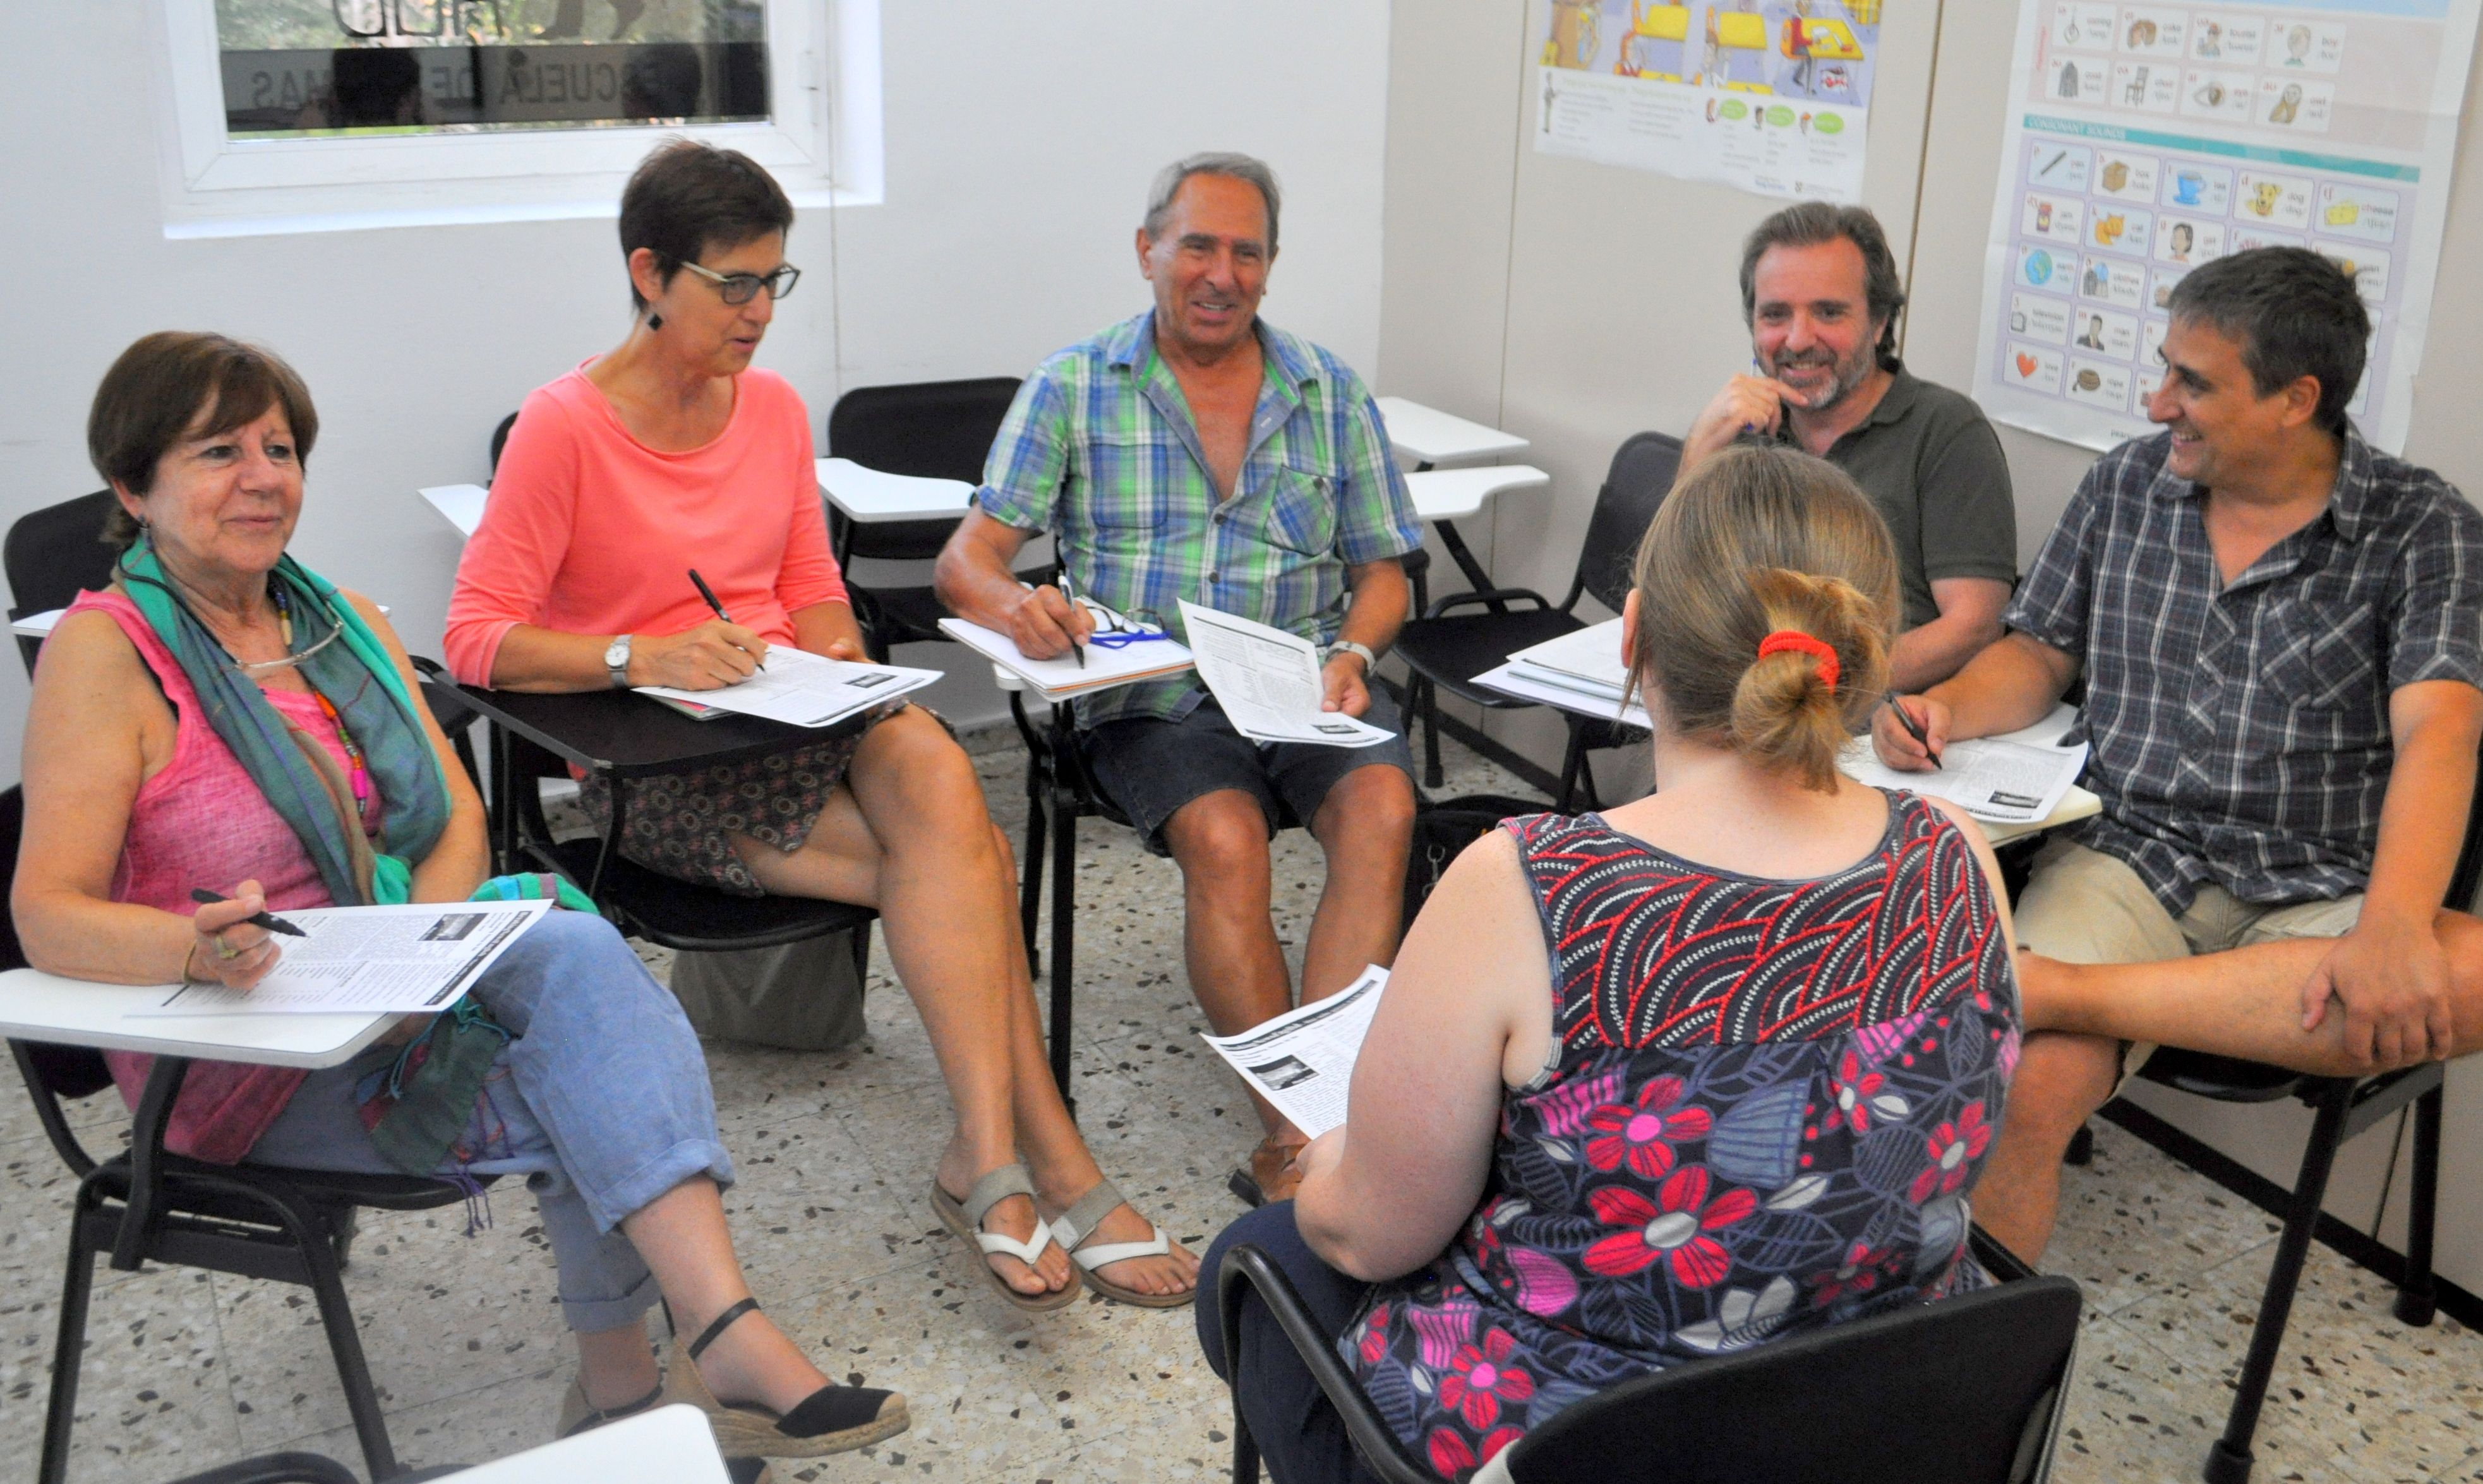 Clases de inglés para adultos en Vilassar de Mar